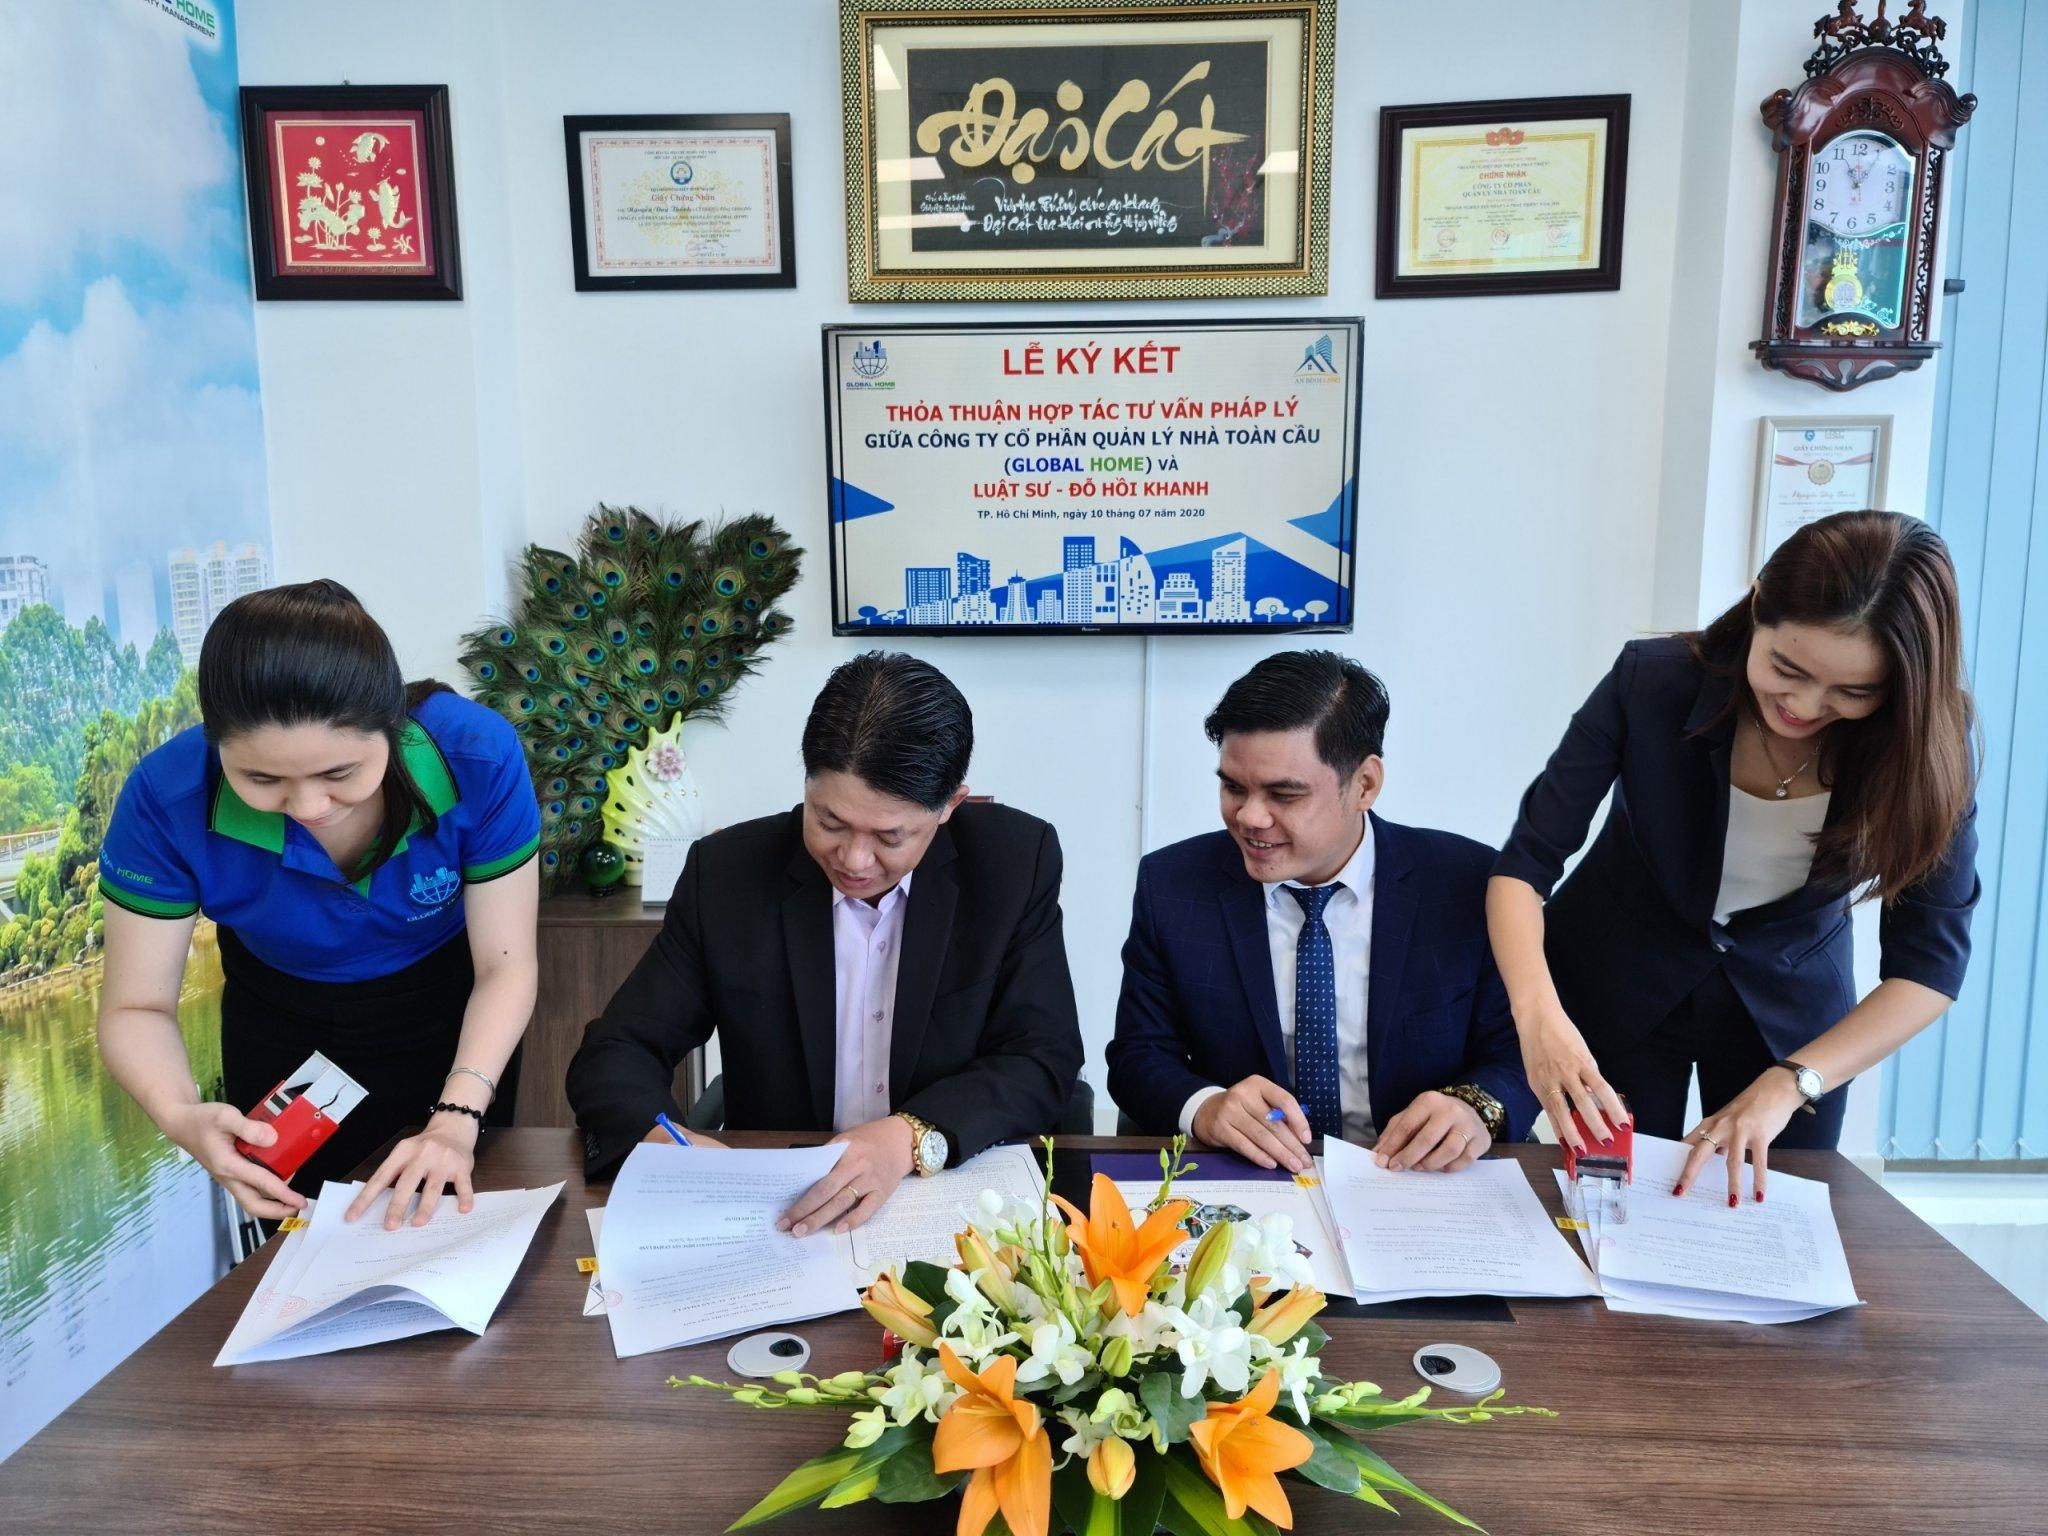 Công ty Quản Lý Global Home ký kết thỏa thuận hợp tác tư vấn pháp lý với Luật sư Đỗ Hồi Khanh 4